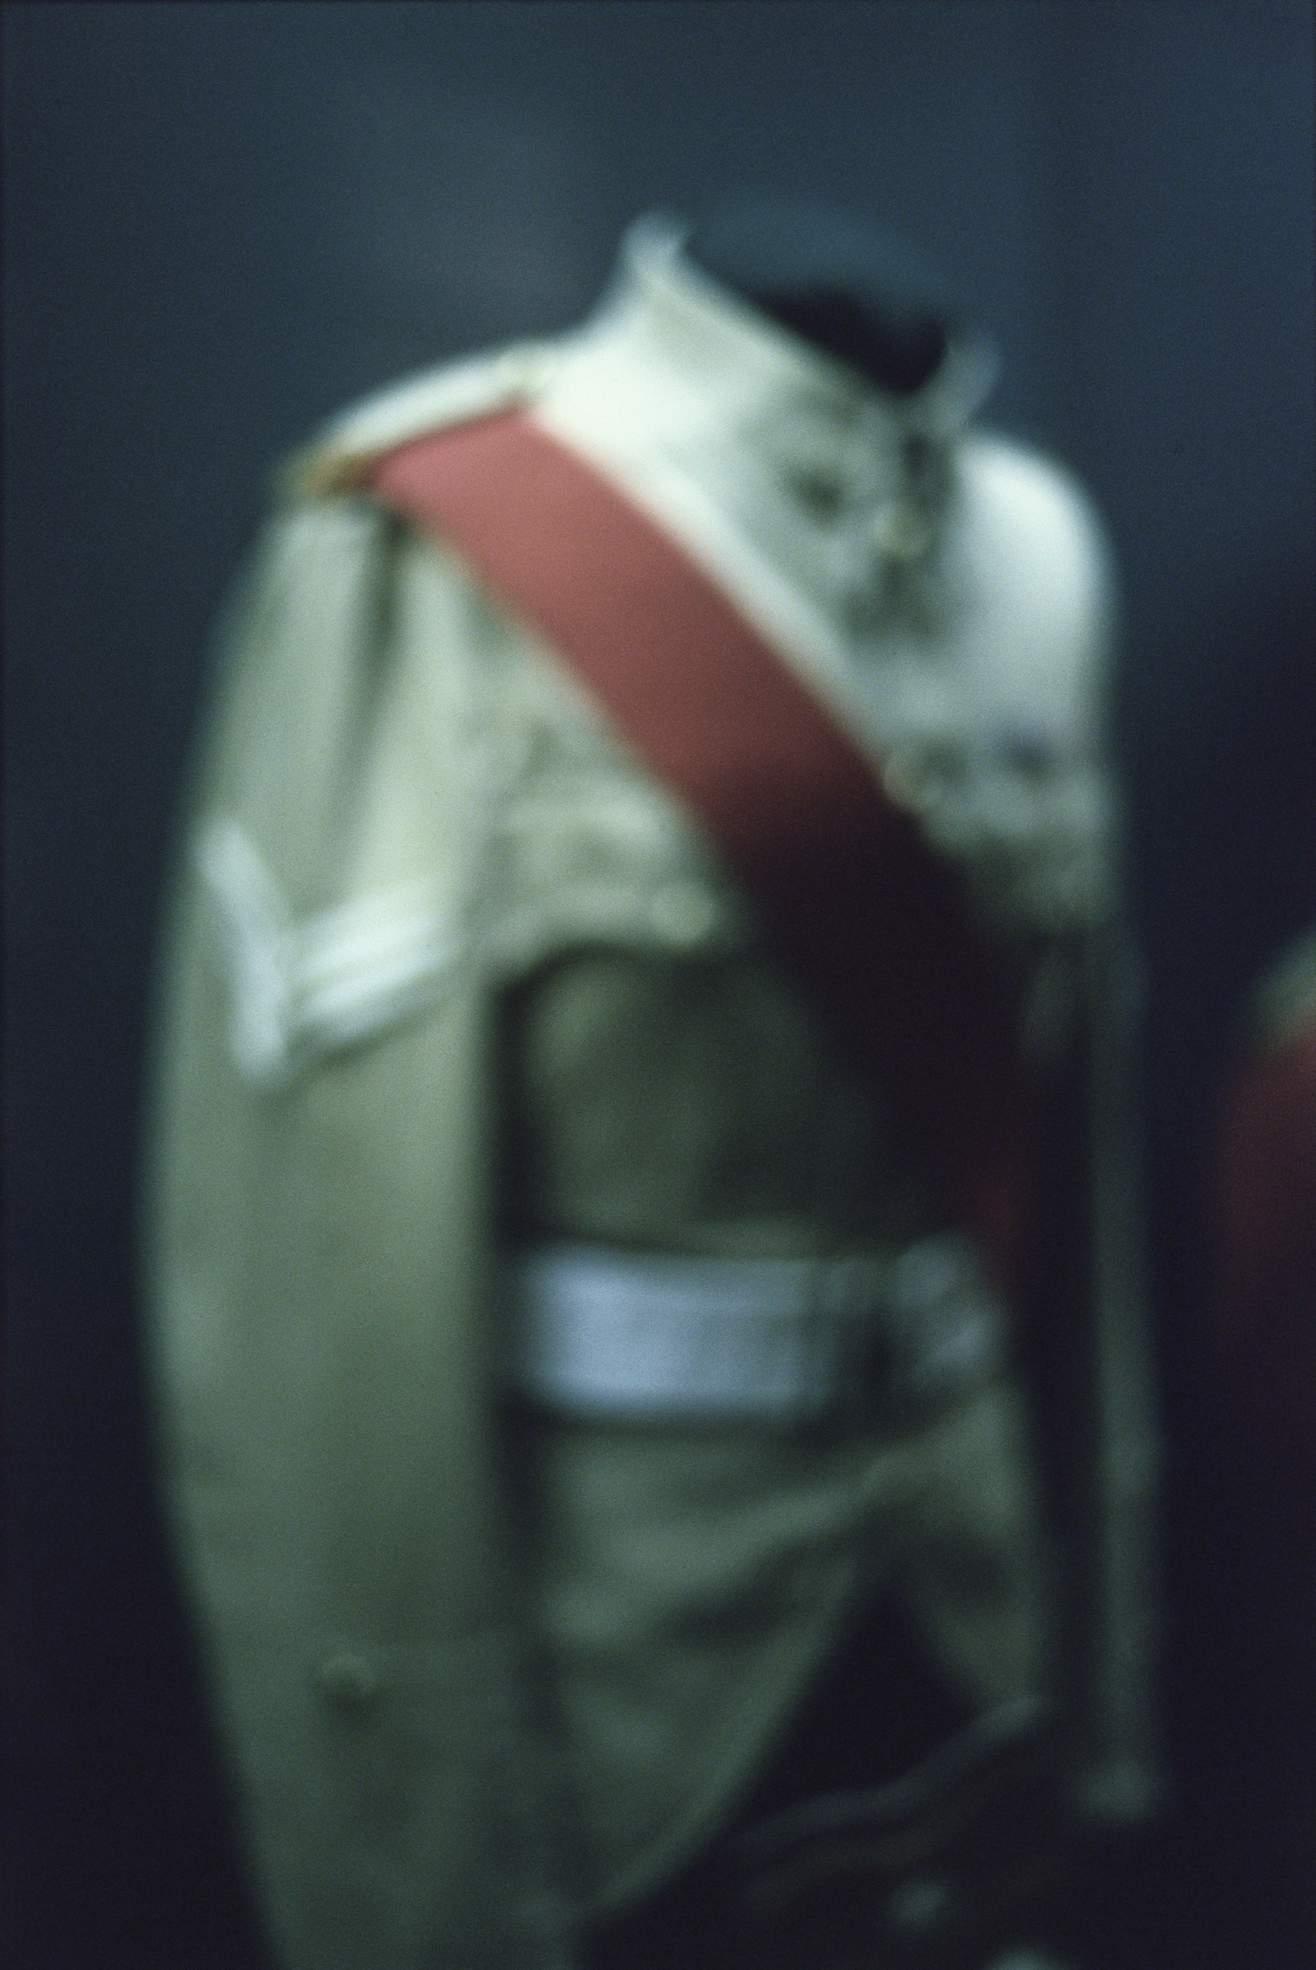 Hentie van der Merwe. Transvaal Scottish (8th Infantry), Sergeant (1945–1951), 2002–2003 (printed 2006). Series: Trappings © Hentie van der Merwe. Courtesy the artist